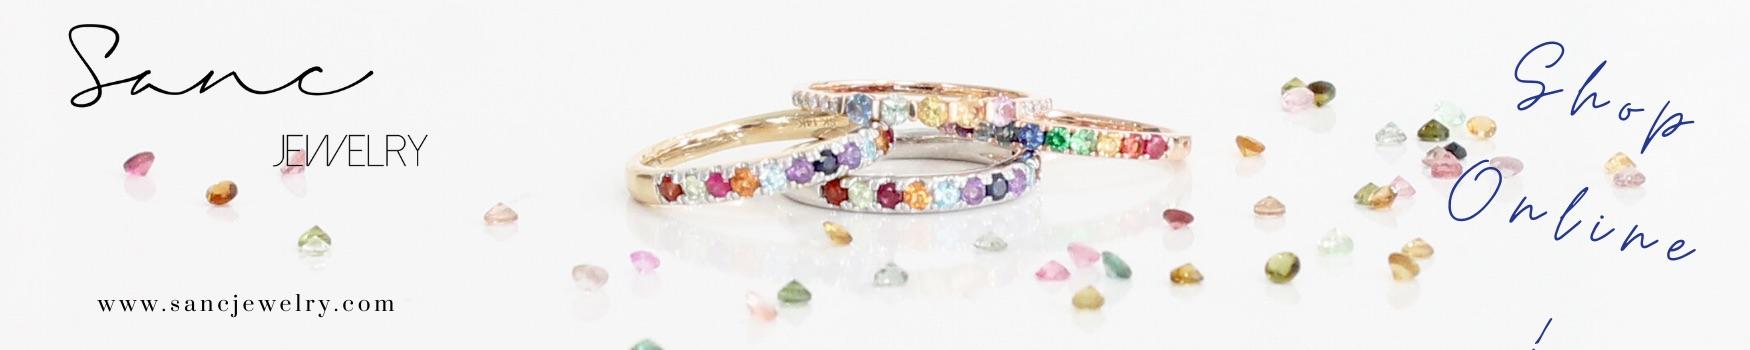 Sanc Jewelry